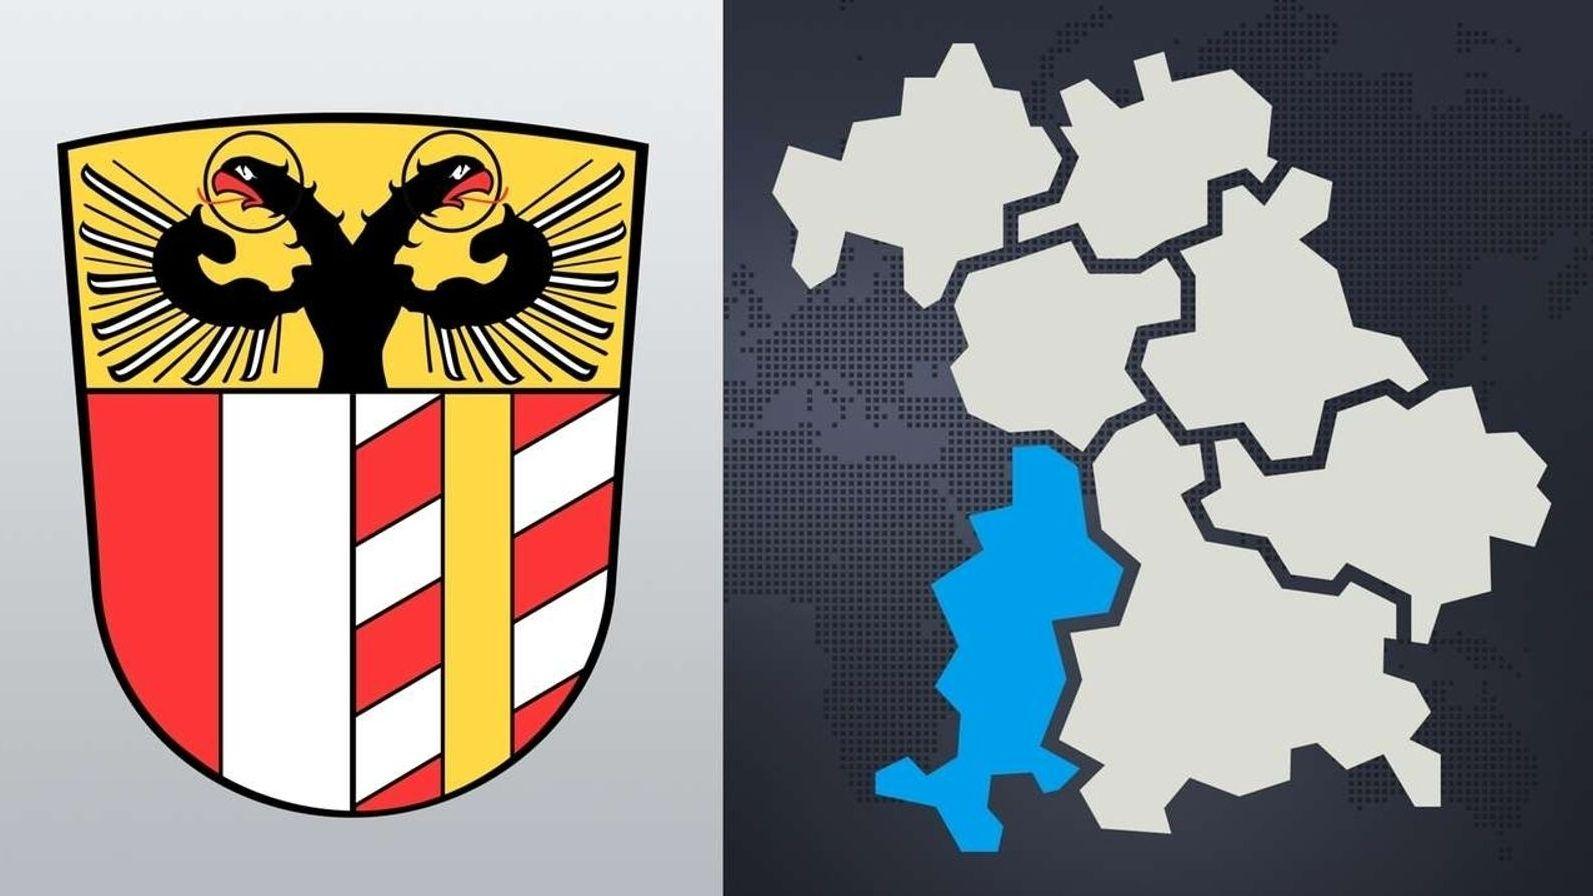 Symbolbild: Das Wappen von Schwaben, Bayernkarte